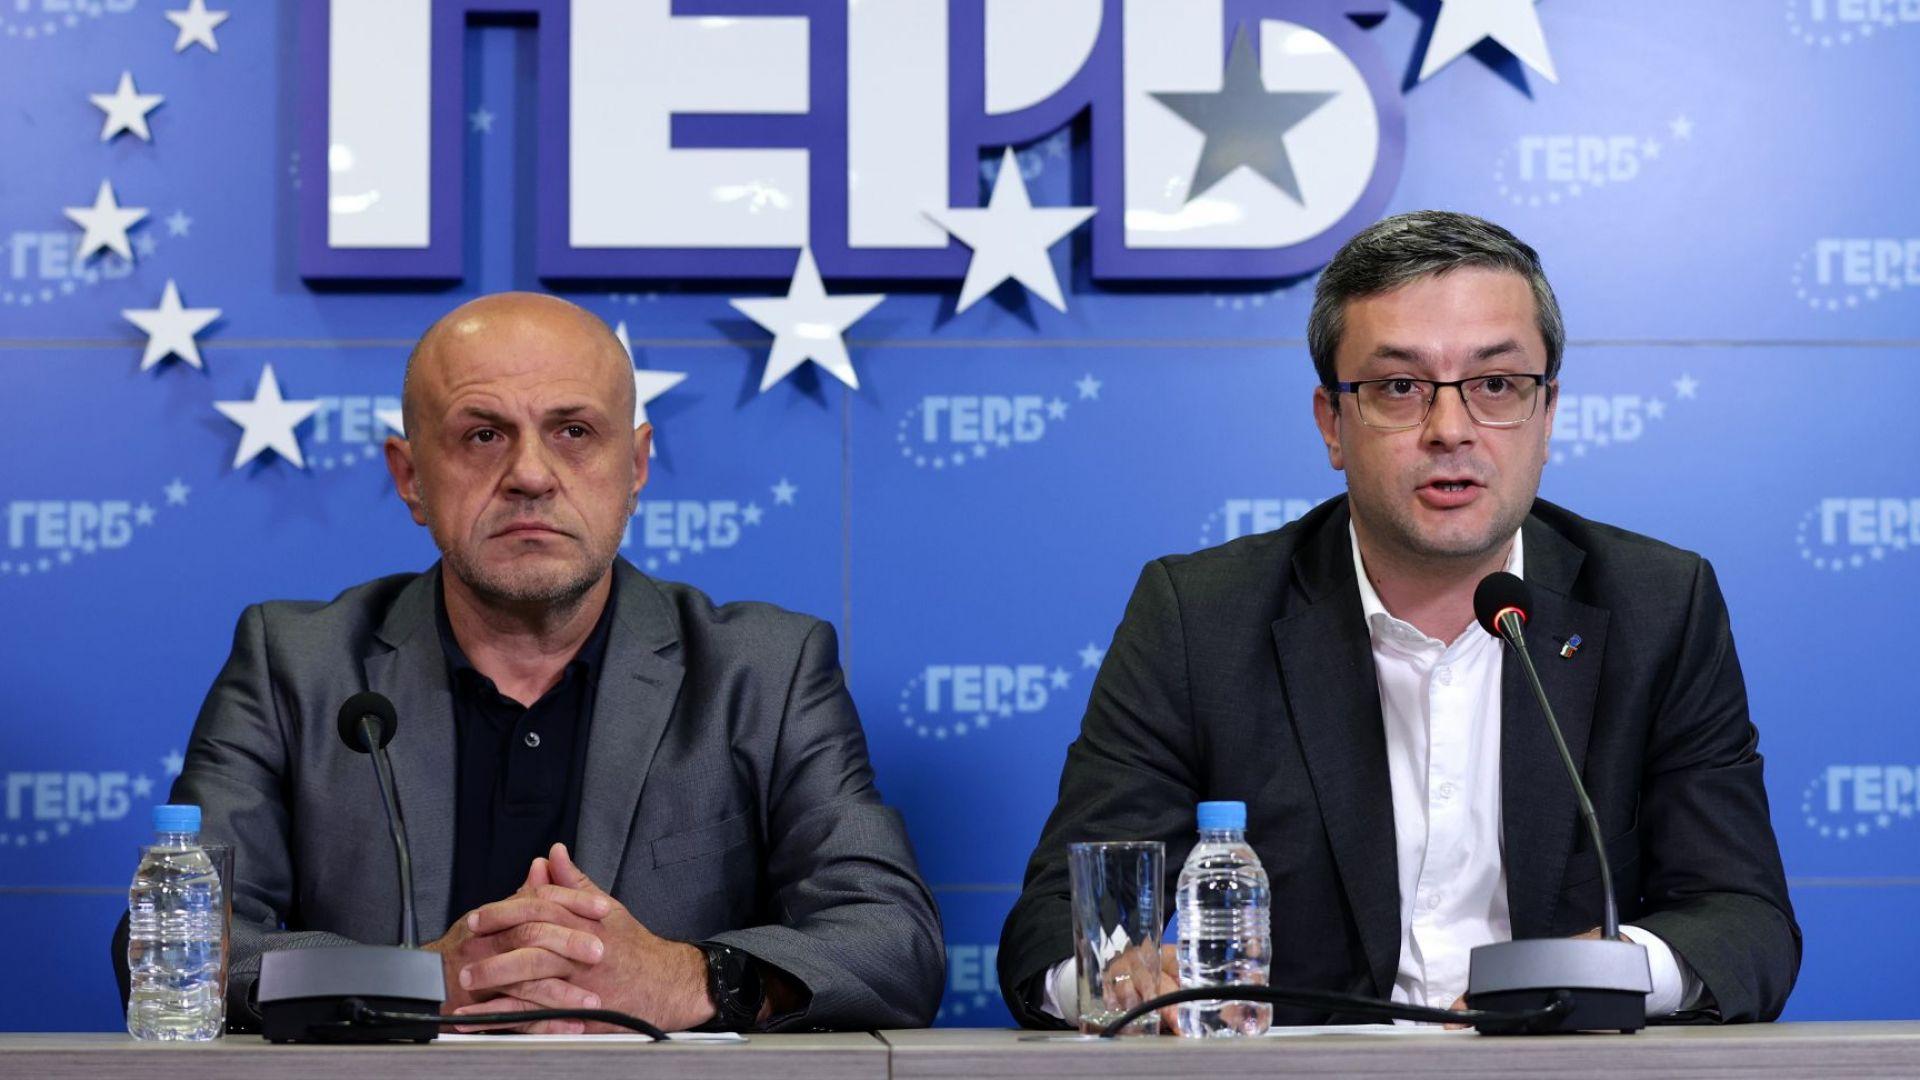 """ГЕРБ: Арестуван и съден за ДДС измами ли е новият шеф на фонд """"Земеделие"""" (видео)"""